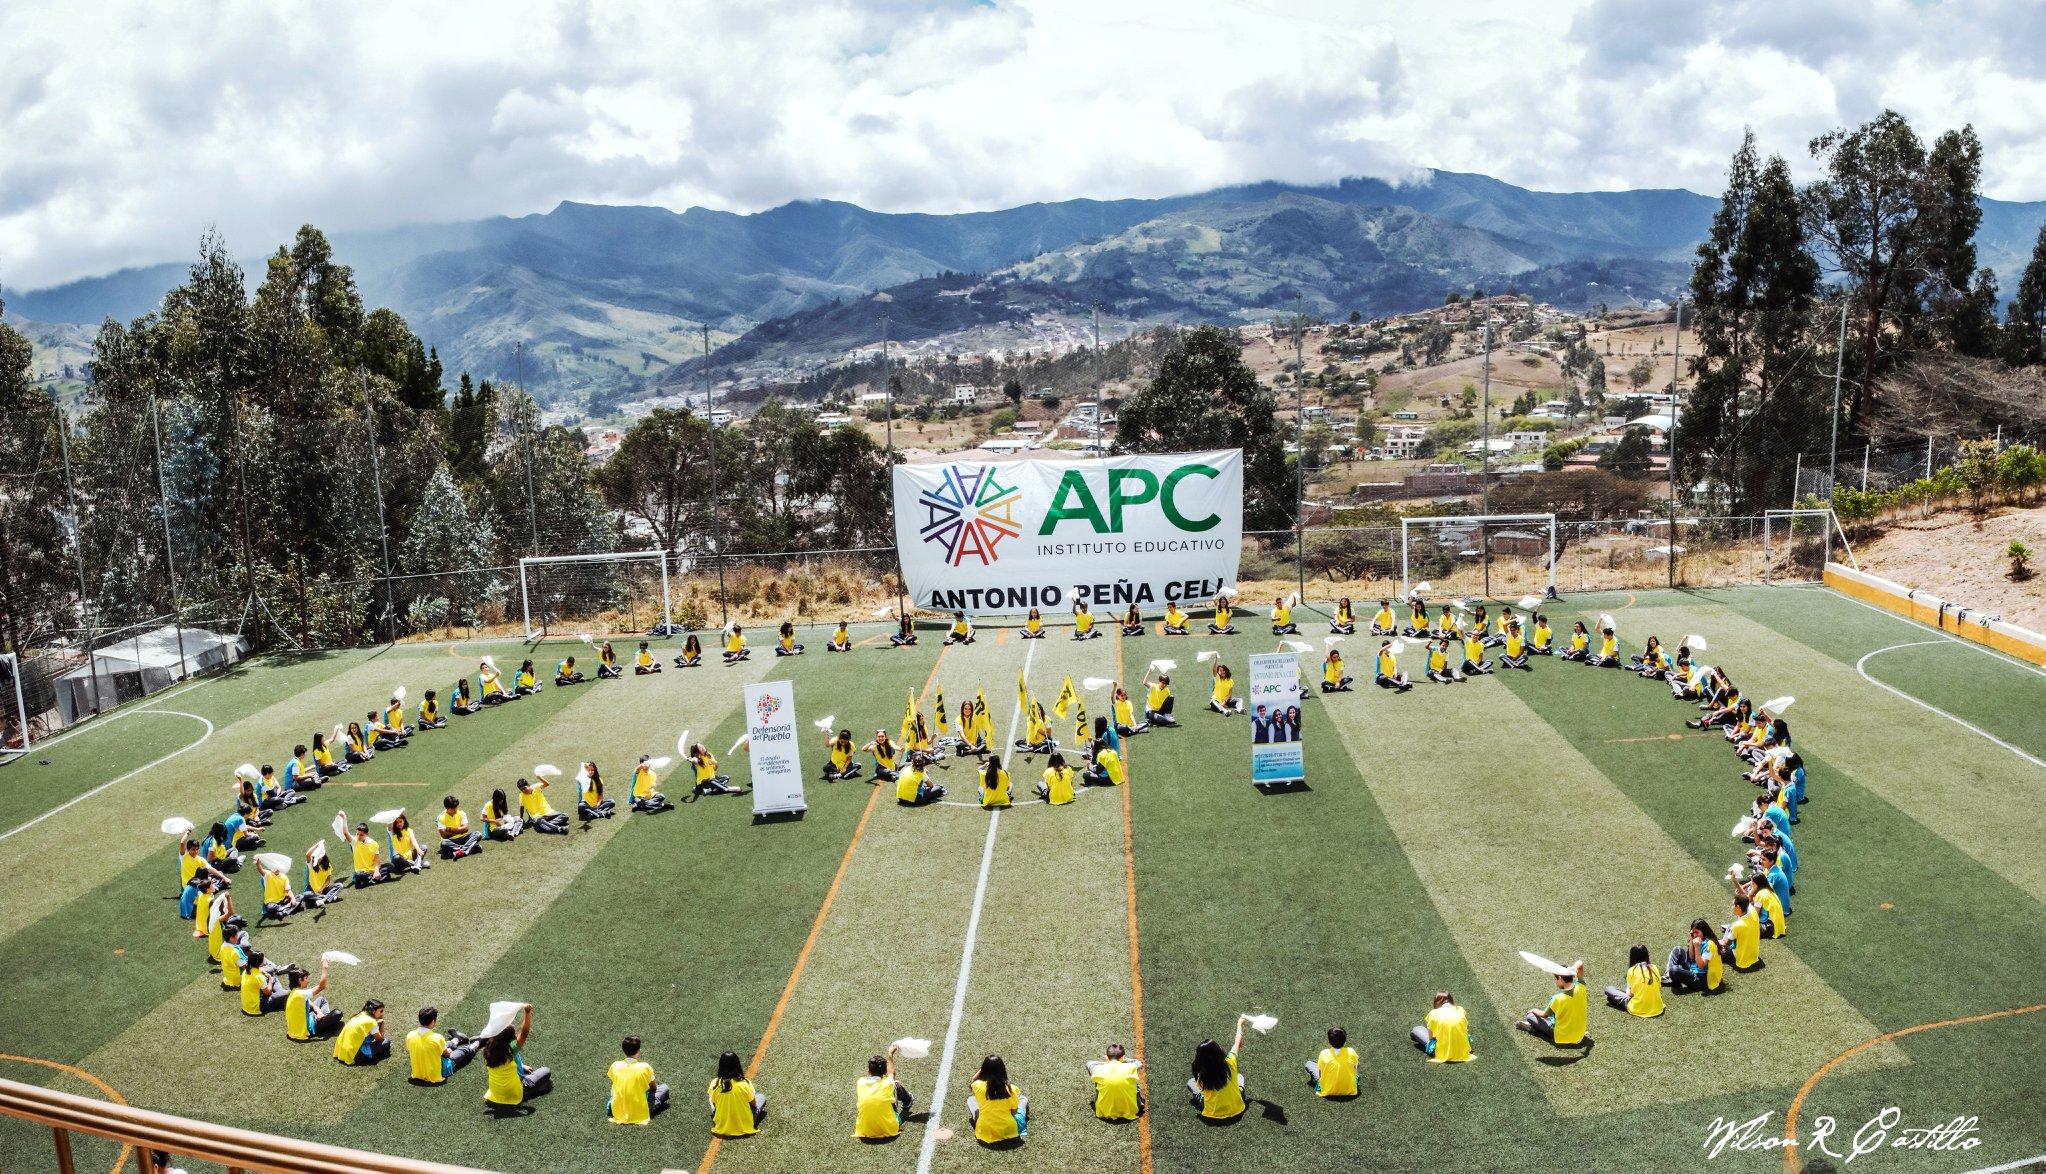 Estudiantes colegio APC símbolo de paz